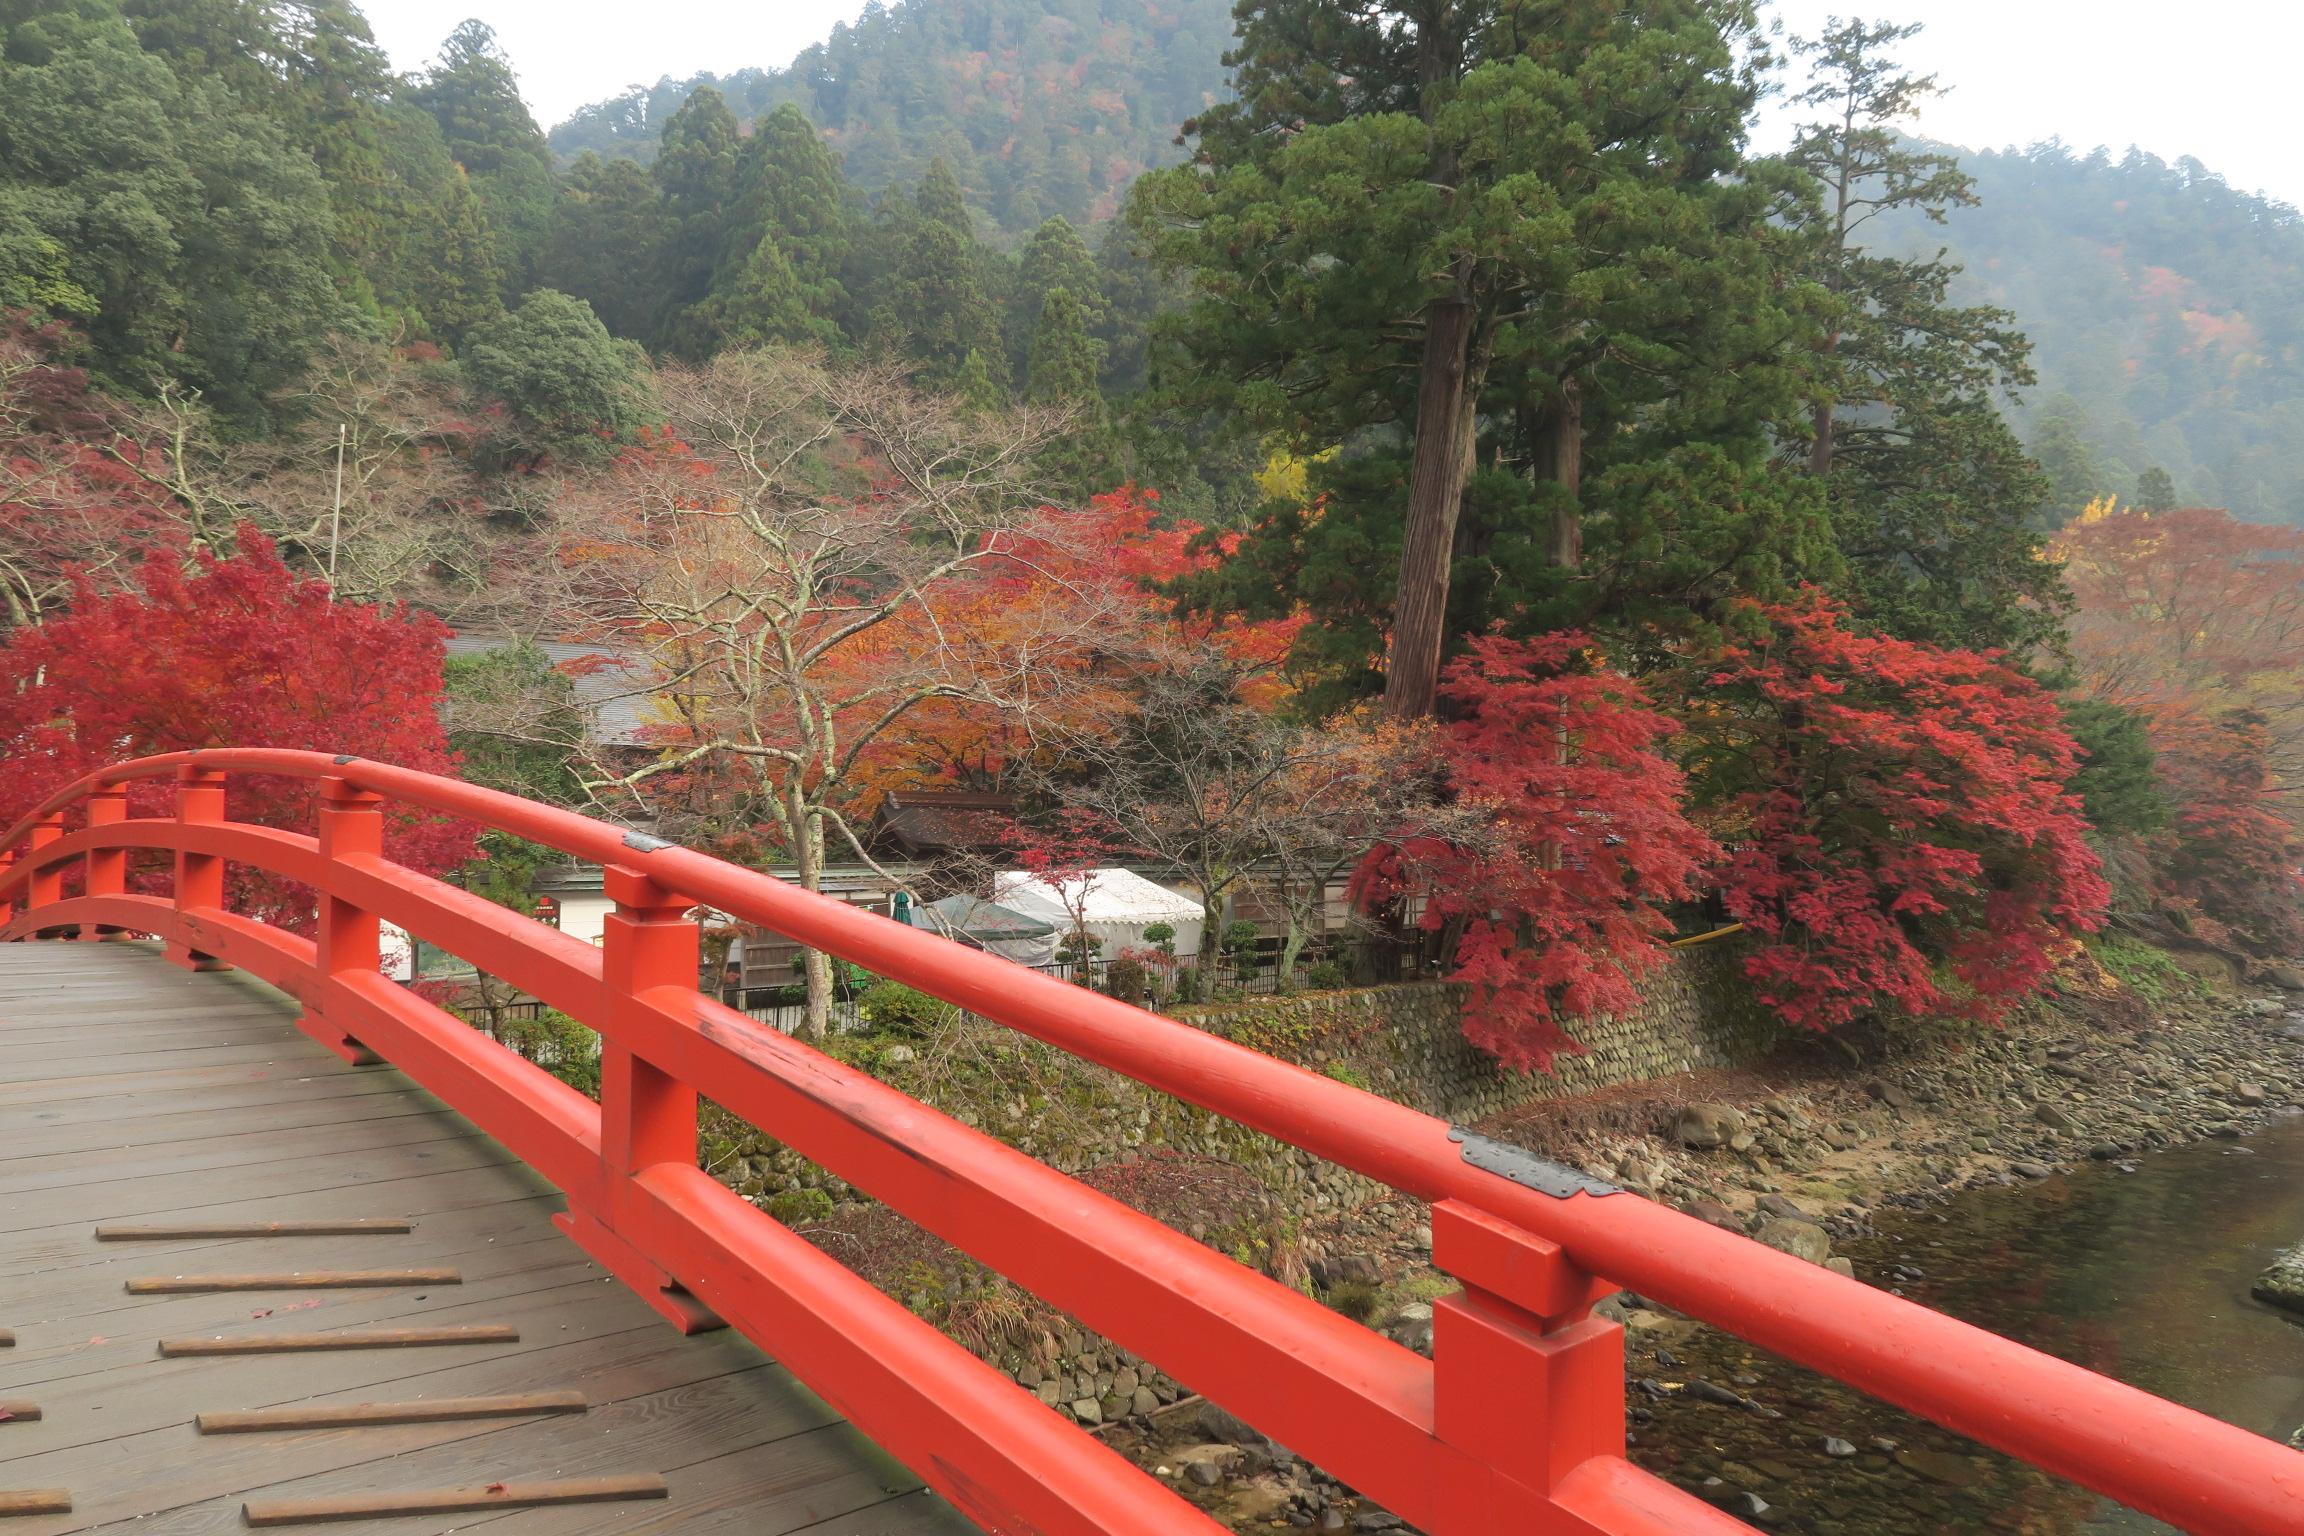 室生川沿いの紅葉も見事です。期待が膨らみますね。。。さてさて室生寺に向かいましょう!